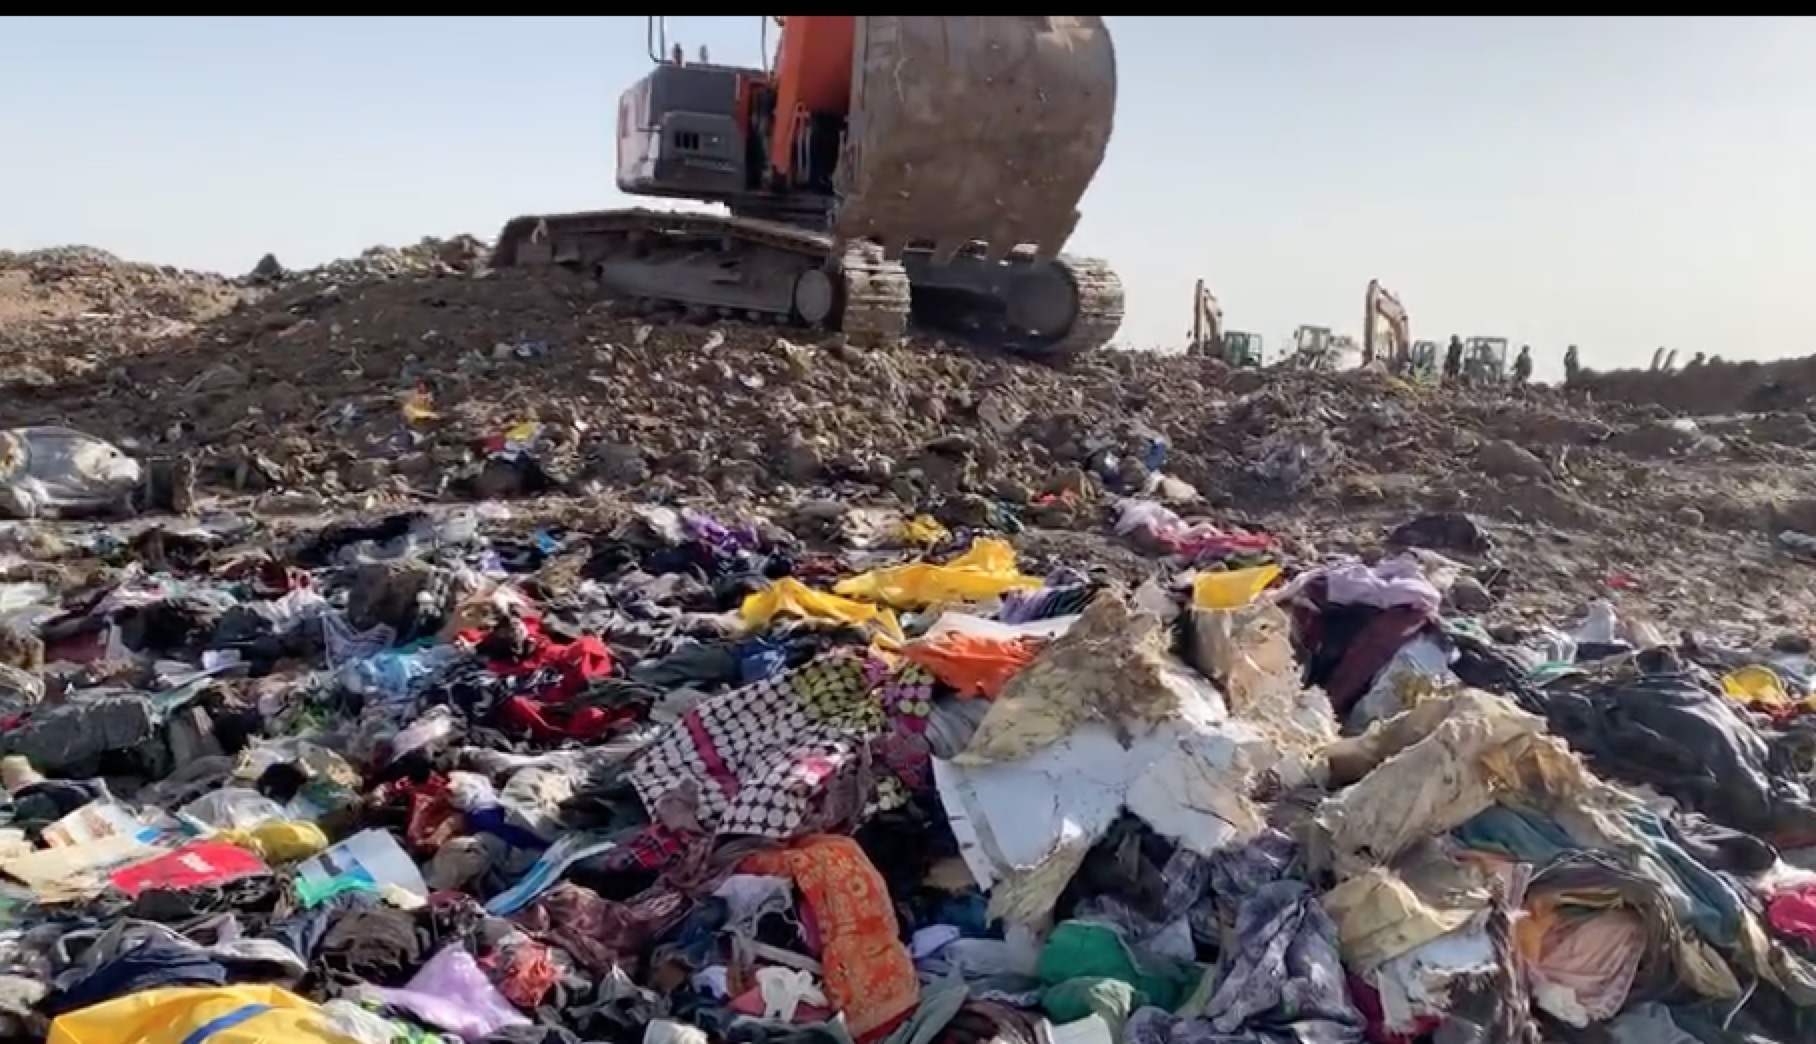 埃塞俄比亚空难现场曝光:中国遇难者家属搜寻遗物